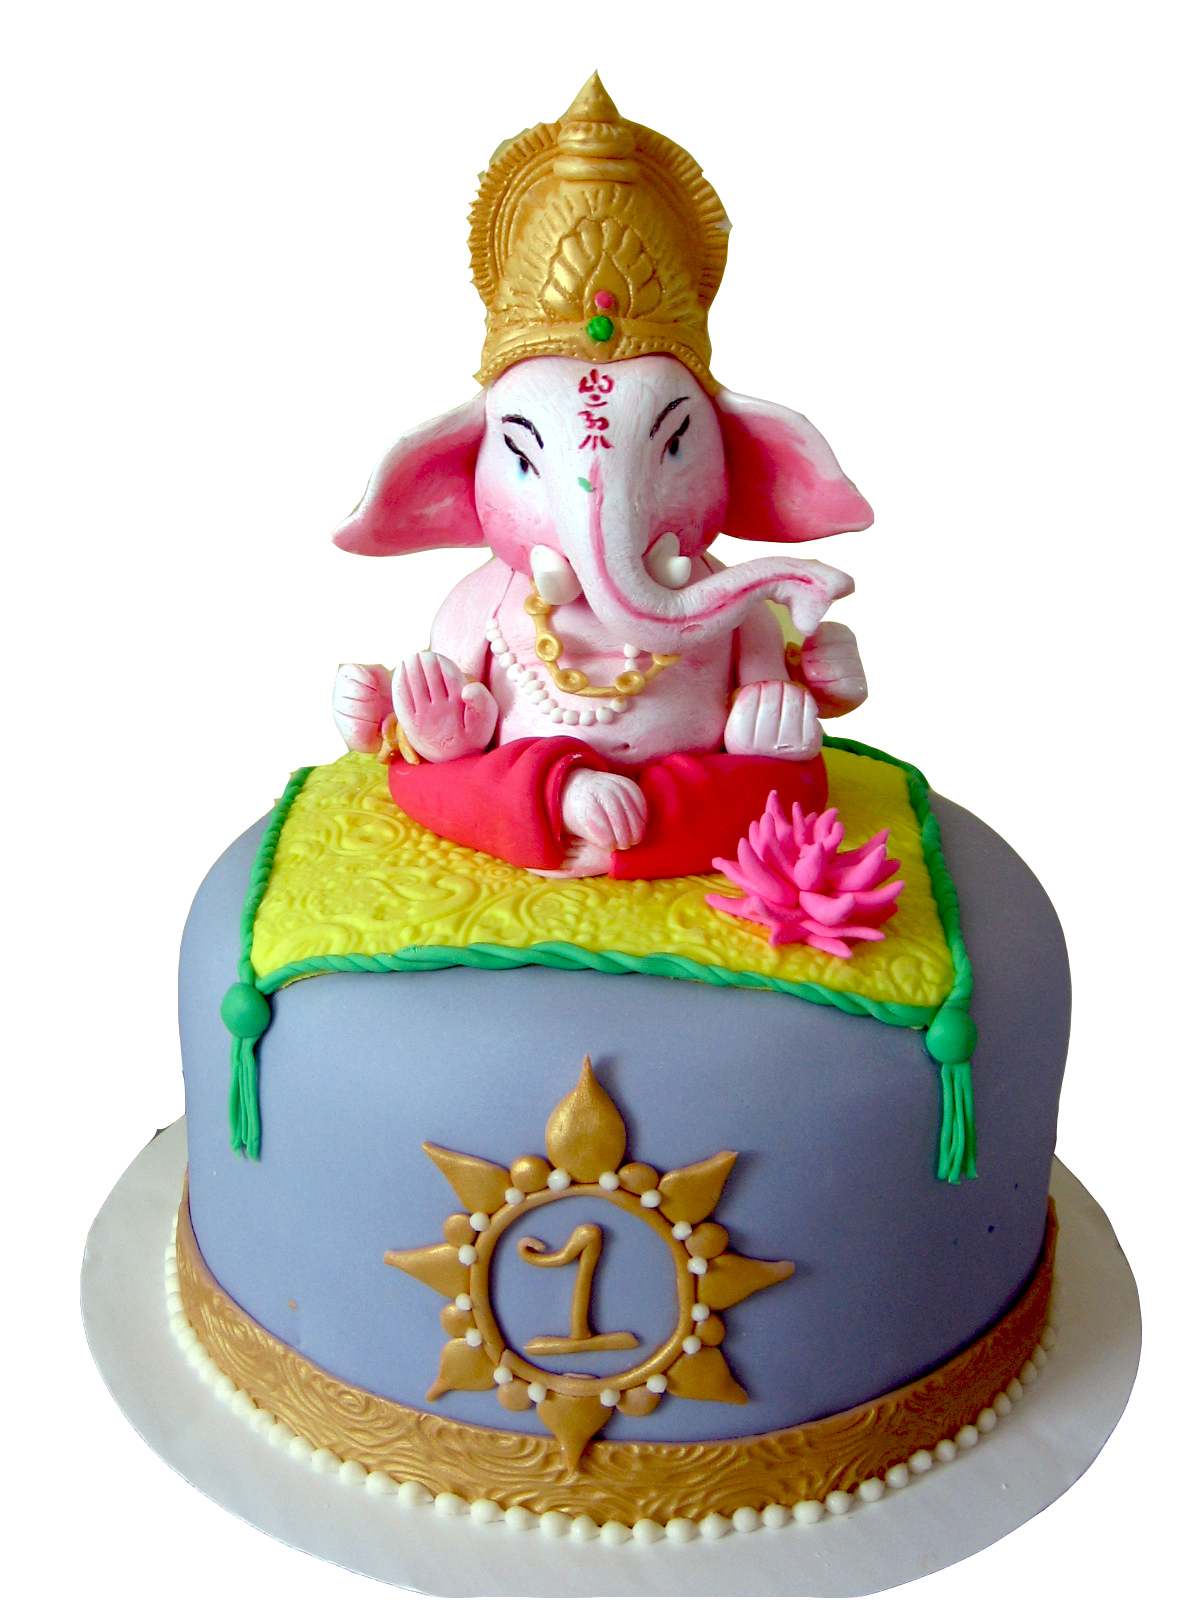 Ganesha Cake Images : Pin Ganesh Cake Debbie Brown Tartistas Cake on Pinterest